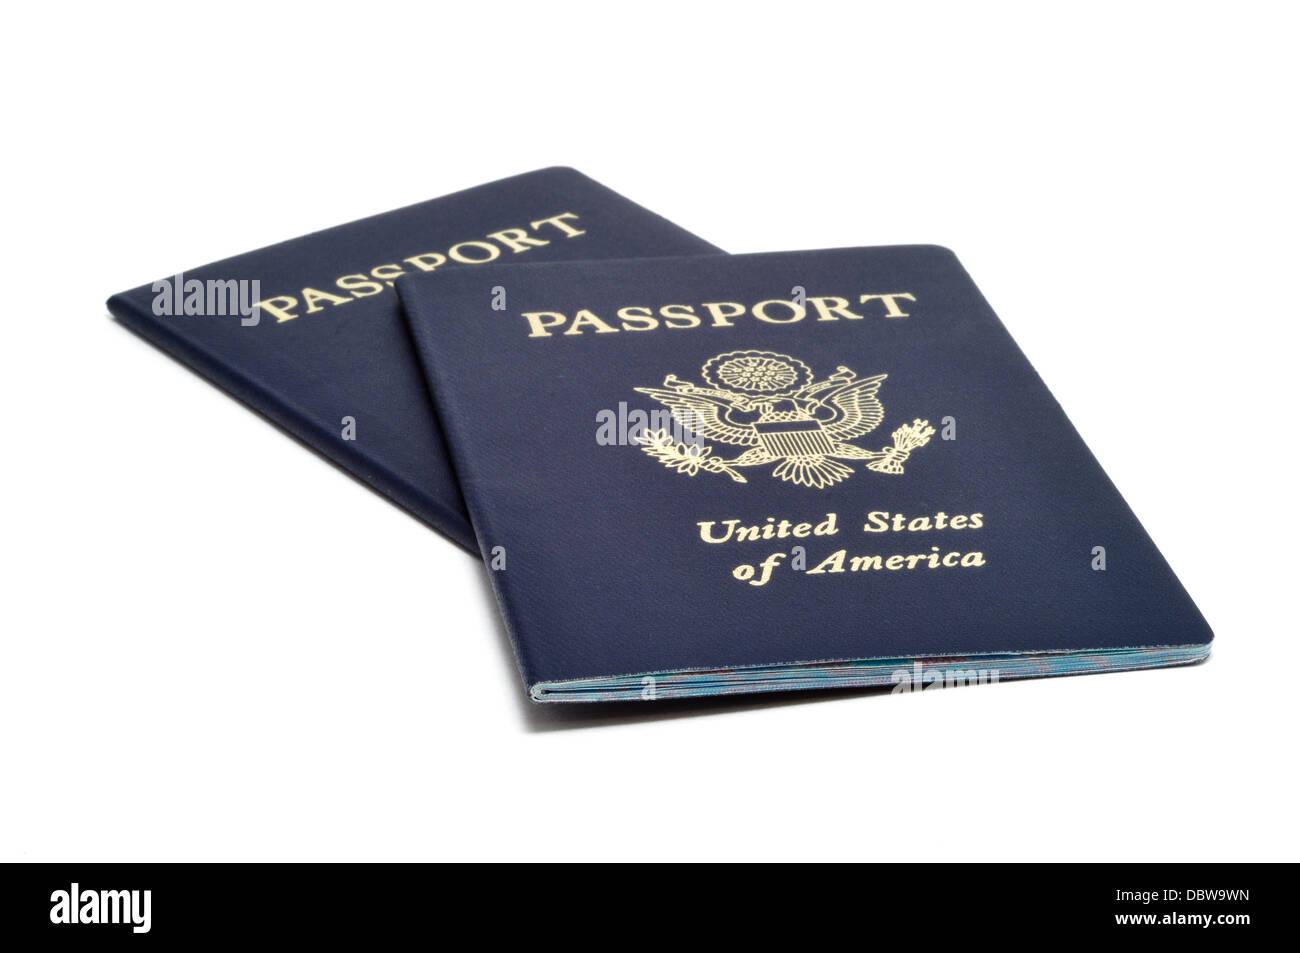 US Passports isolated on white background - Stock Image